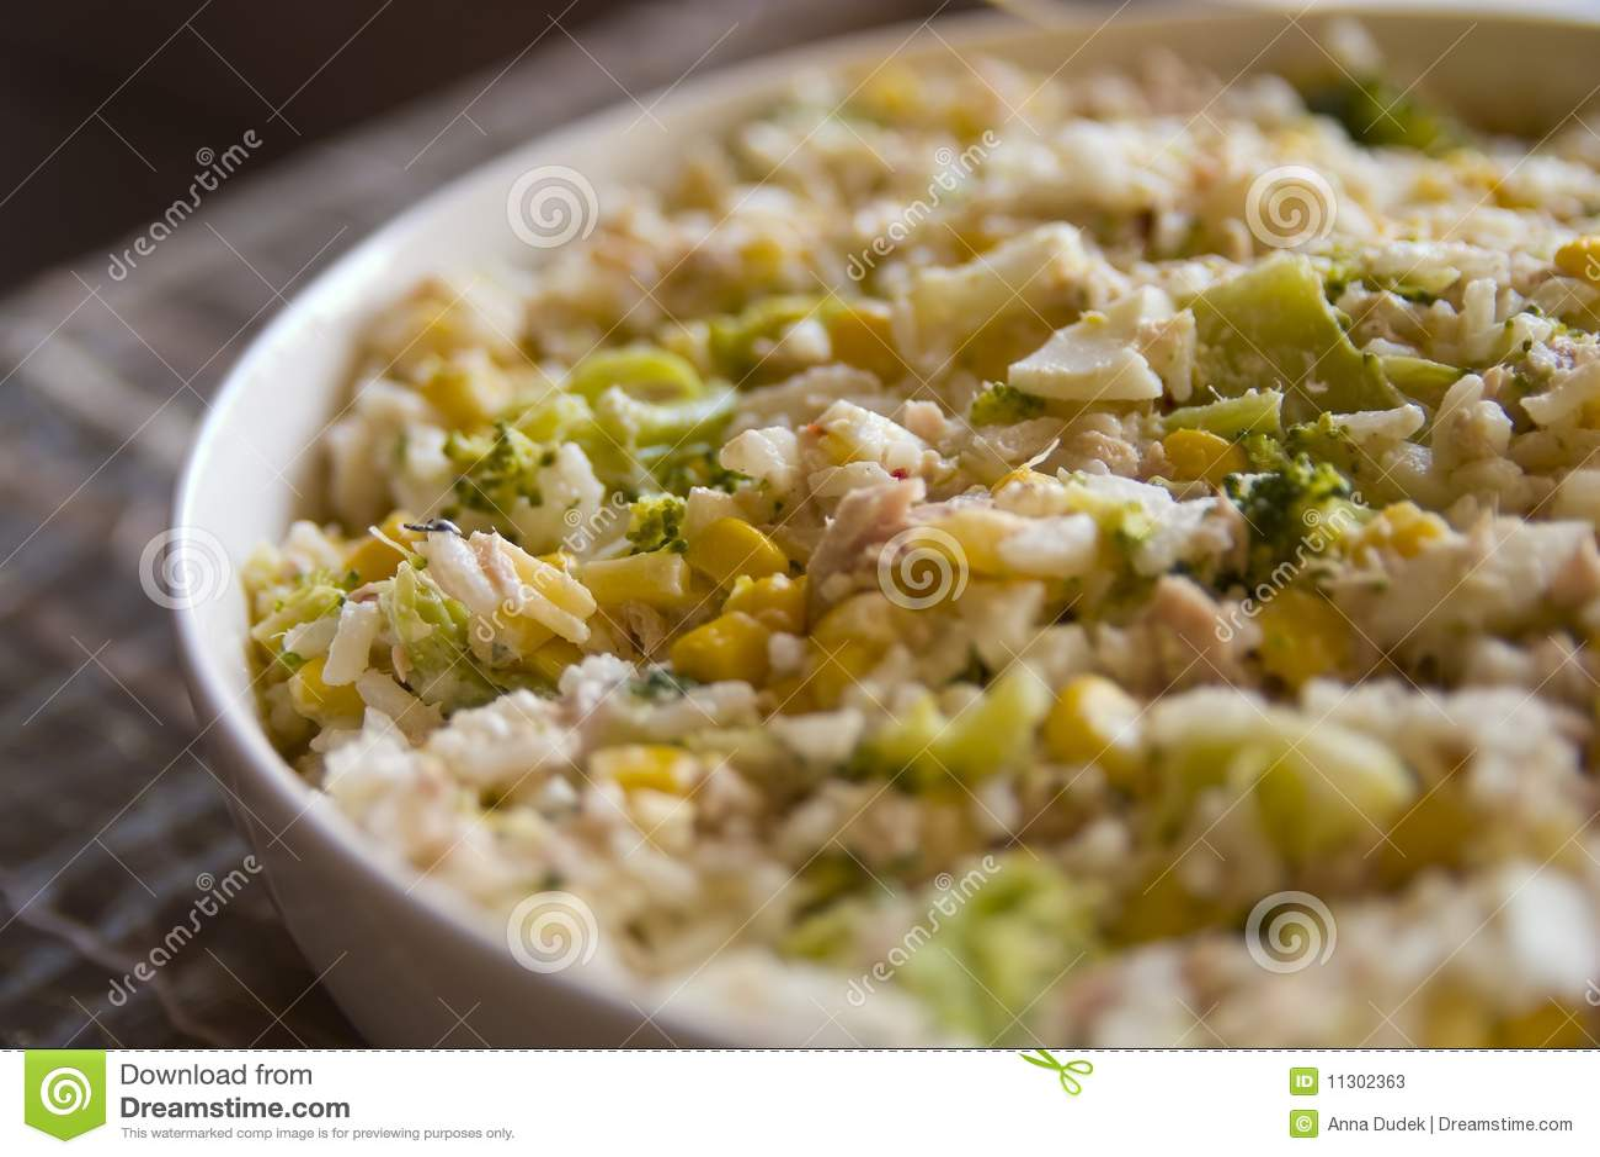 Reismahlzeit in einer Schüssel